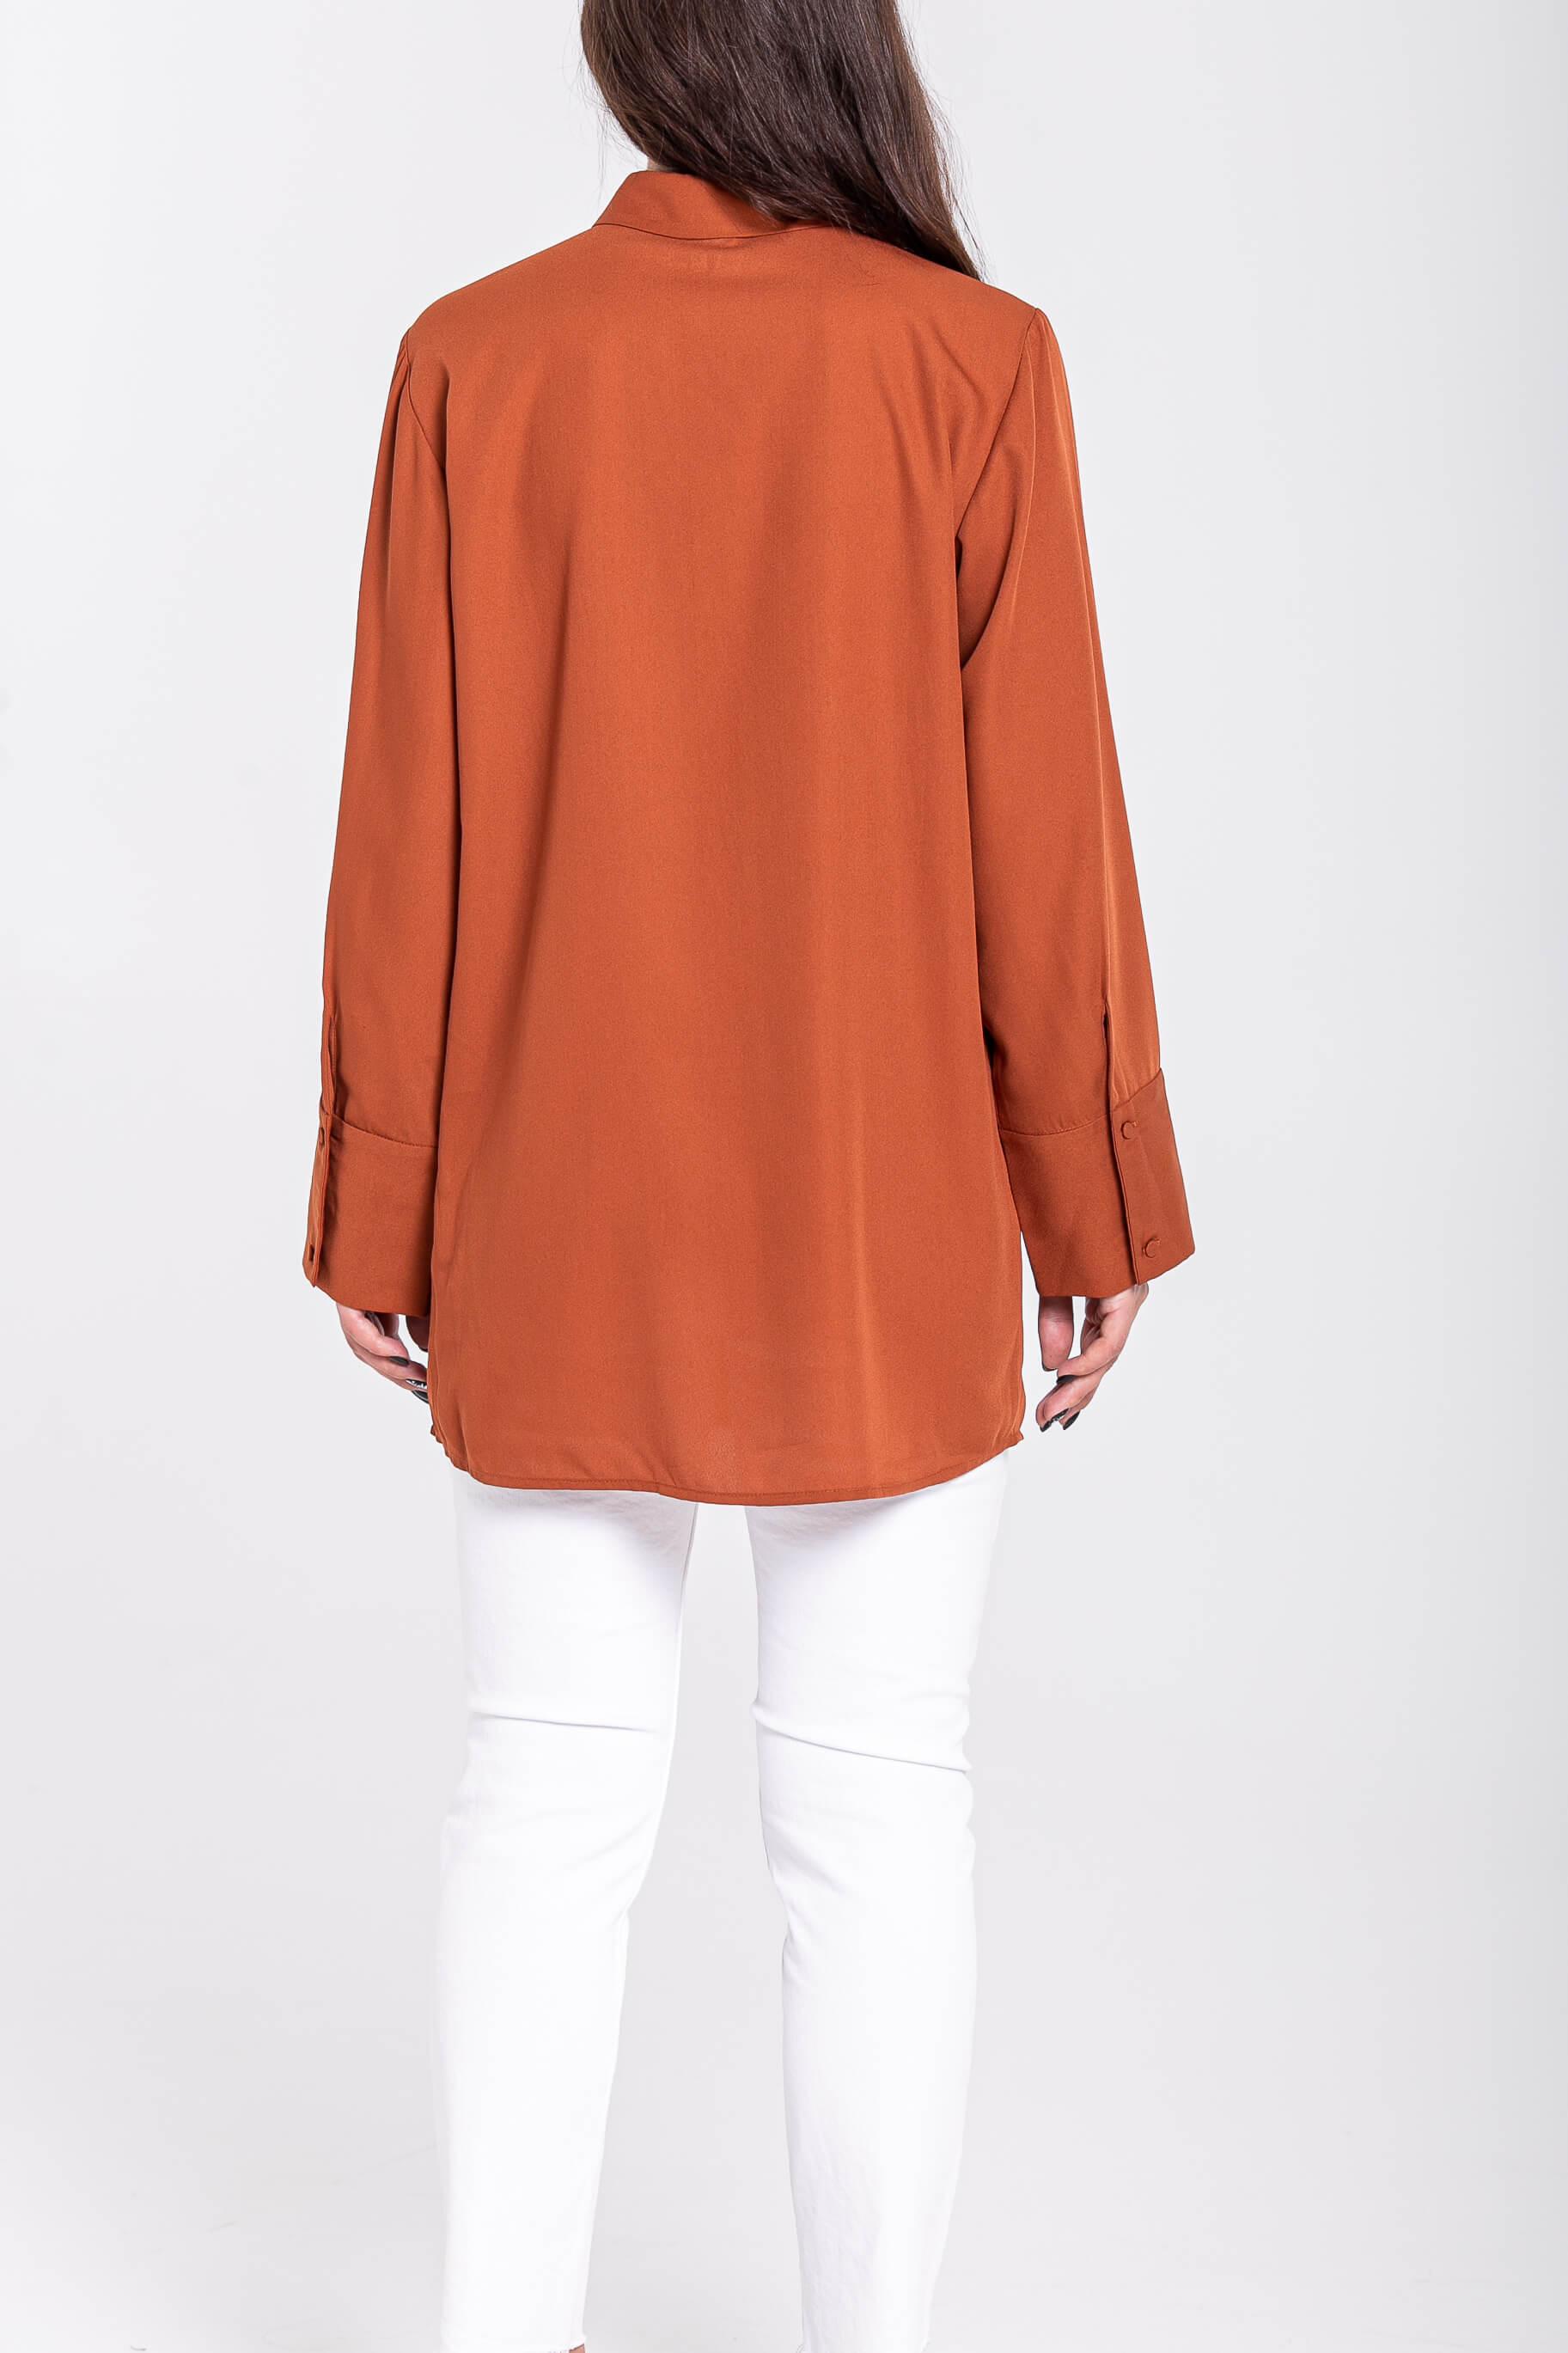 Рубашка Vero Moda Casual (1947) photo 2